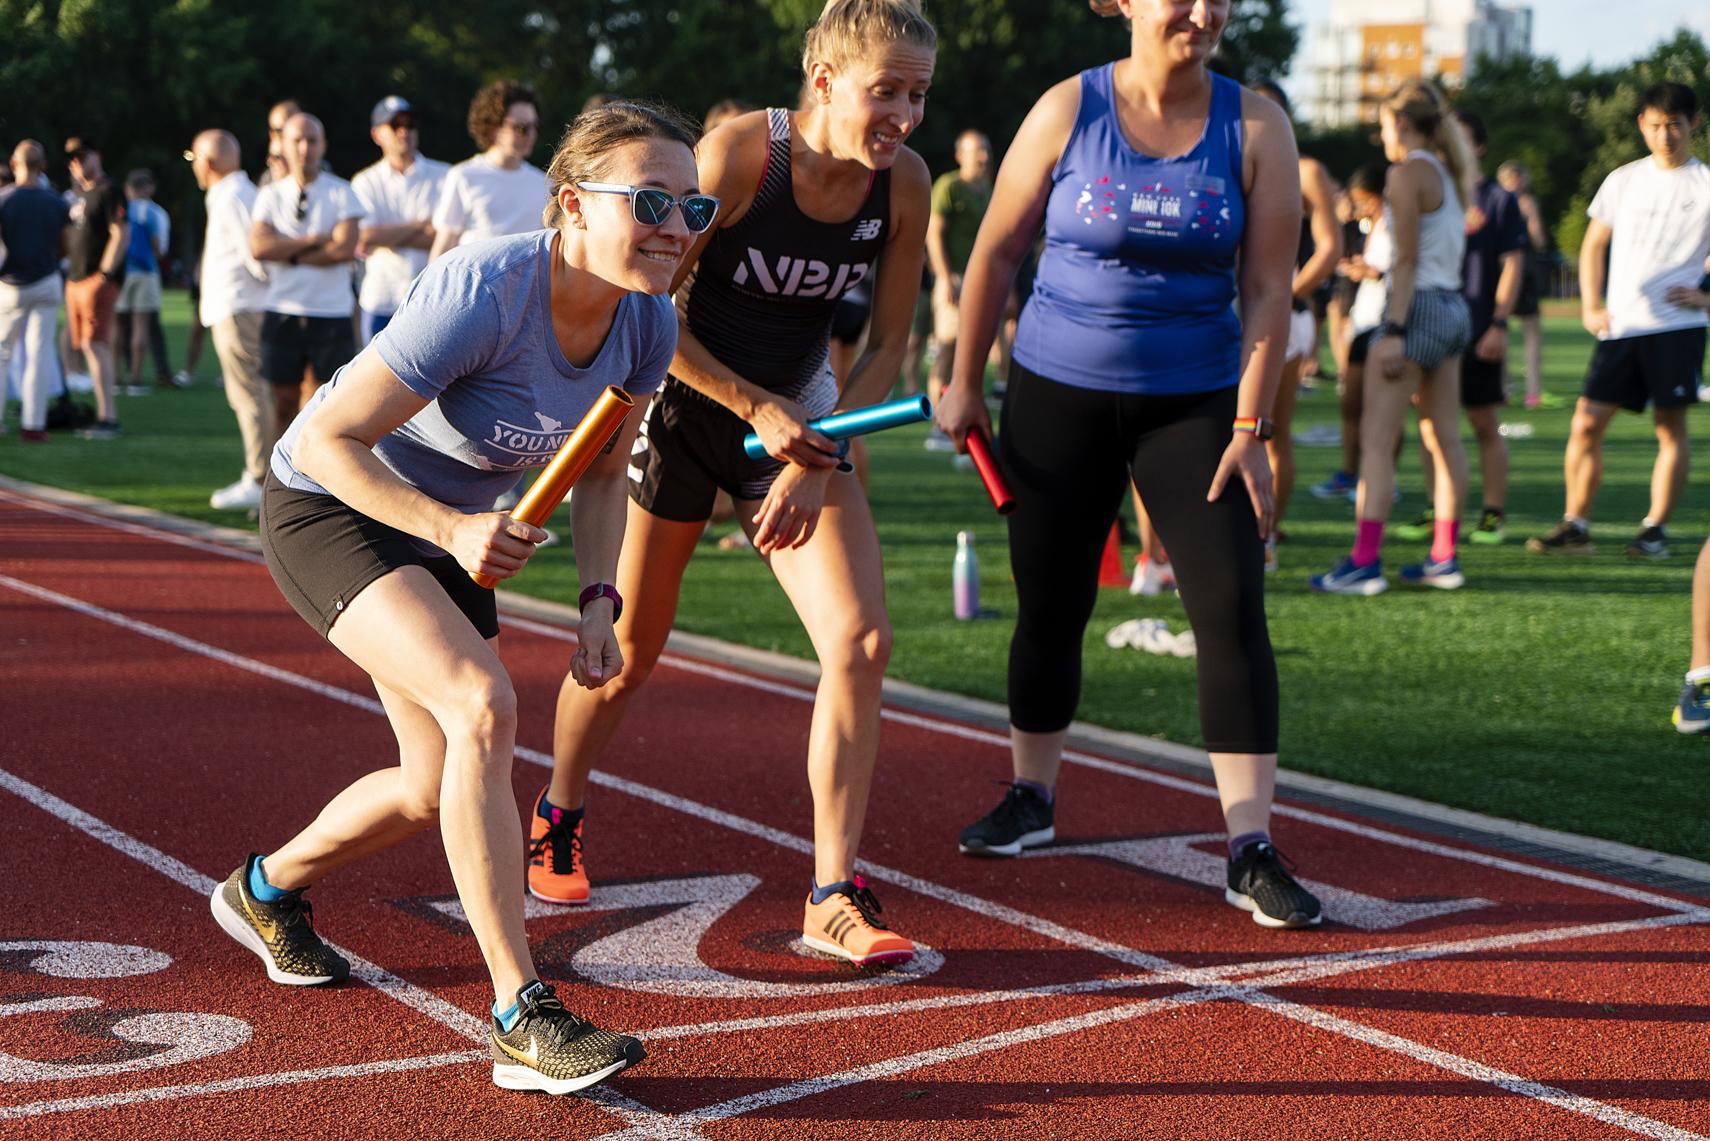 NBR McCarren Track Meet 2019-071219-Drew-ReynoldsDSC00105.jpg